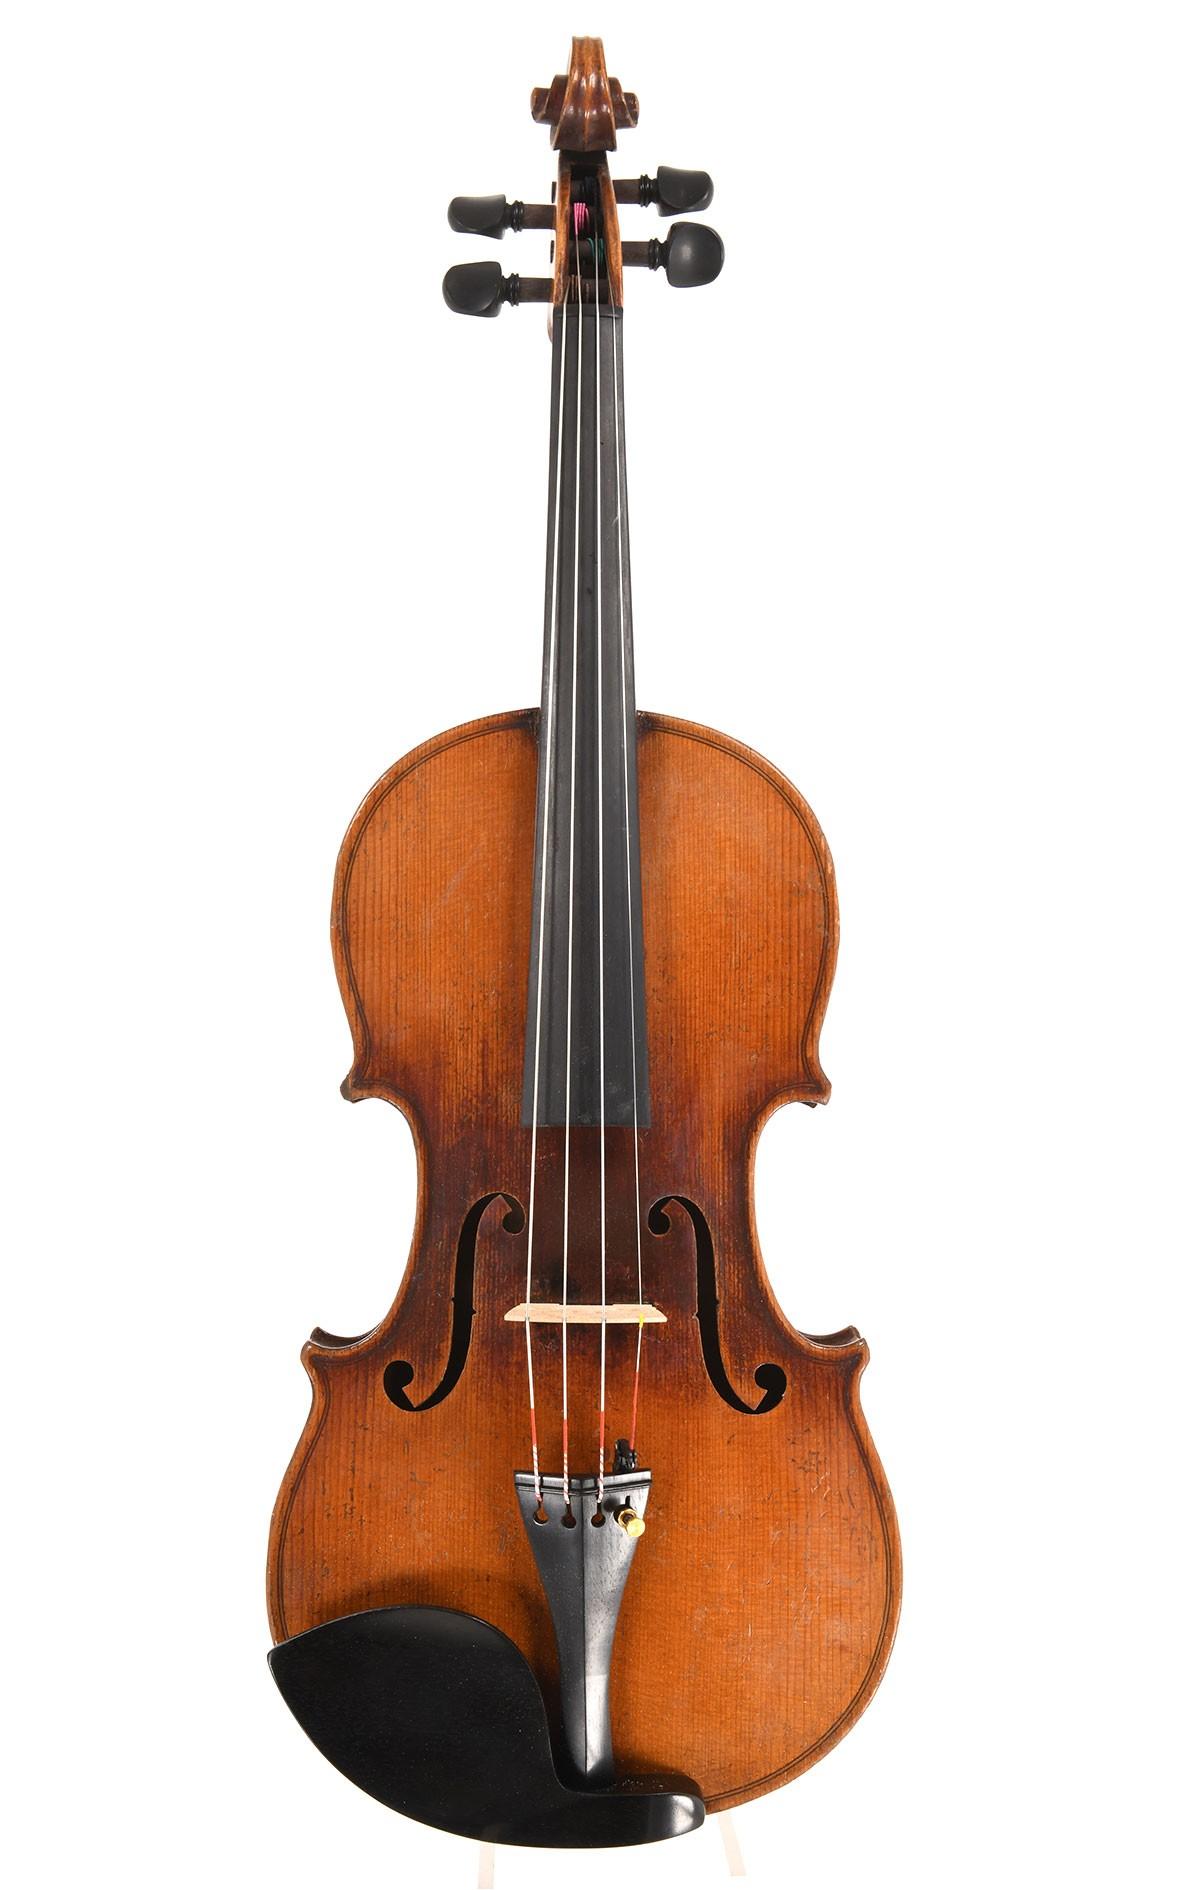 Französische Geige nach J. B. Vuillaume aus dem Hause Laberte